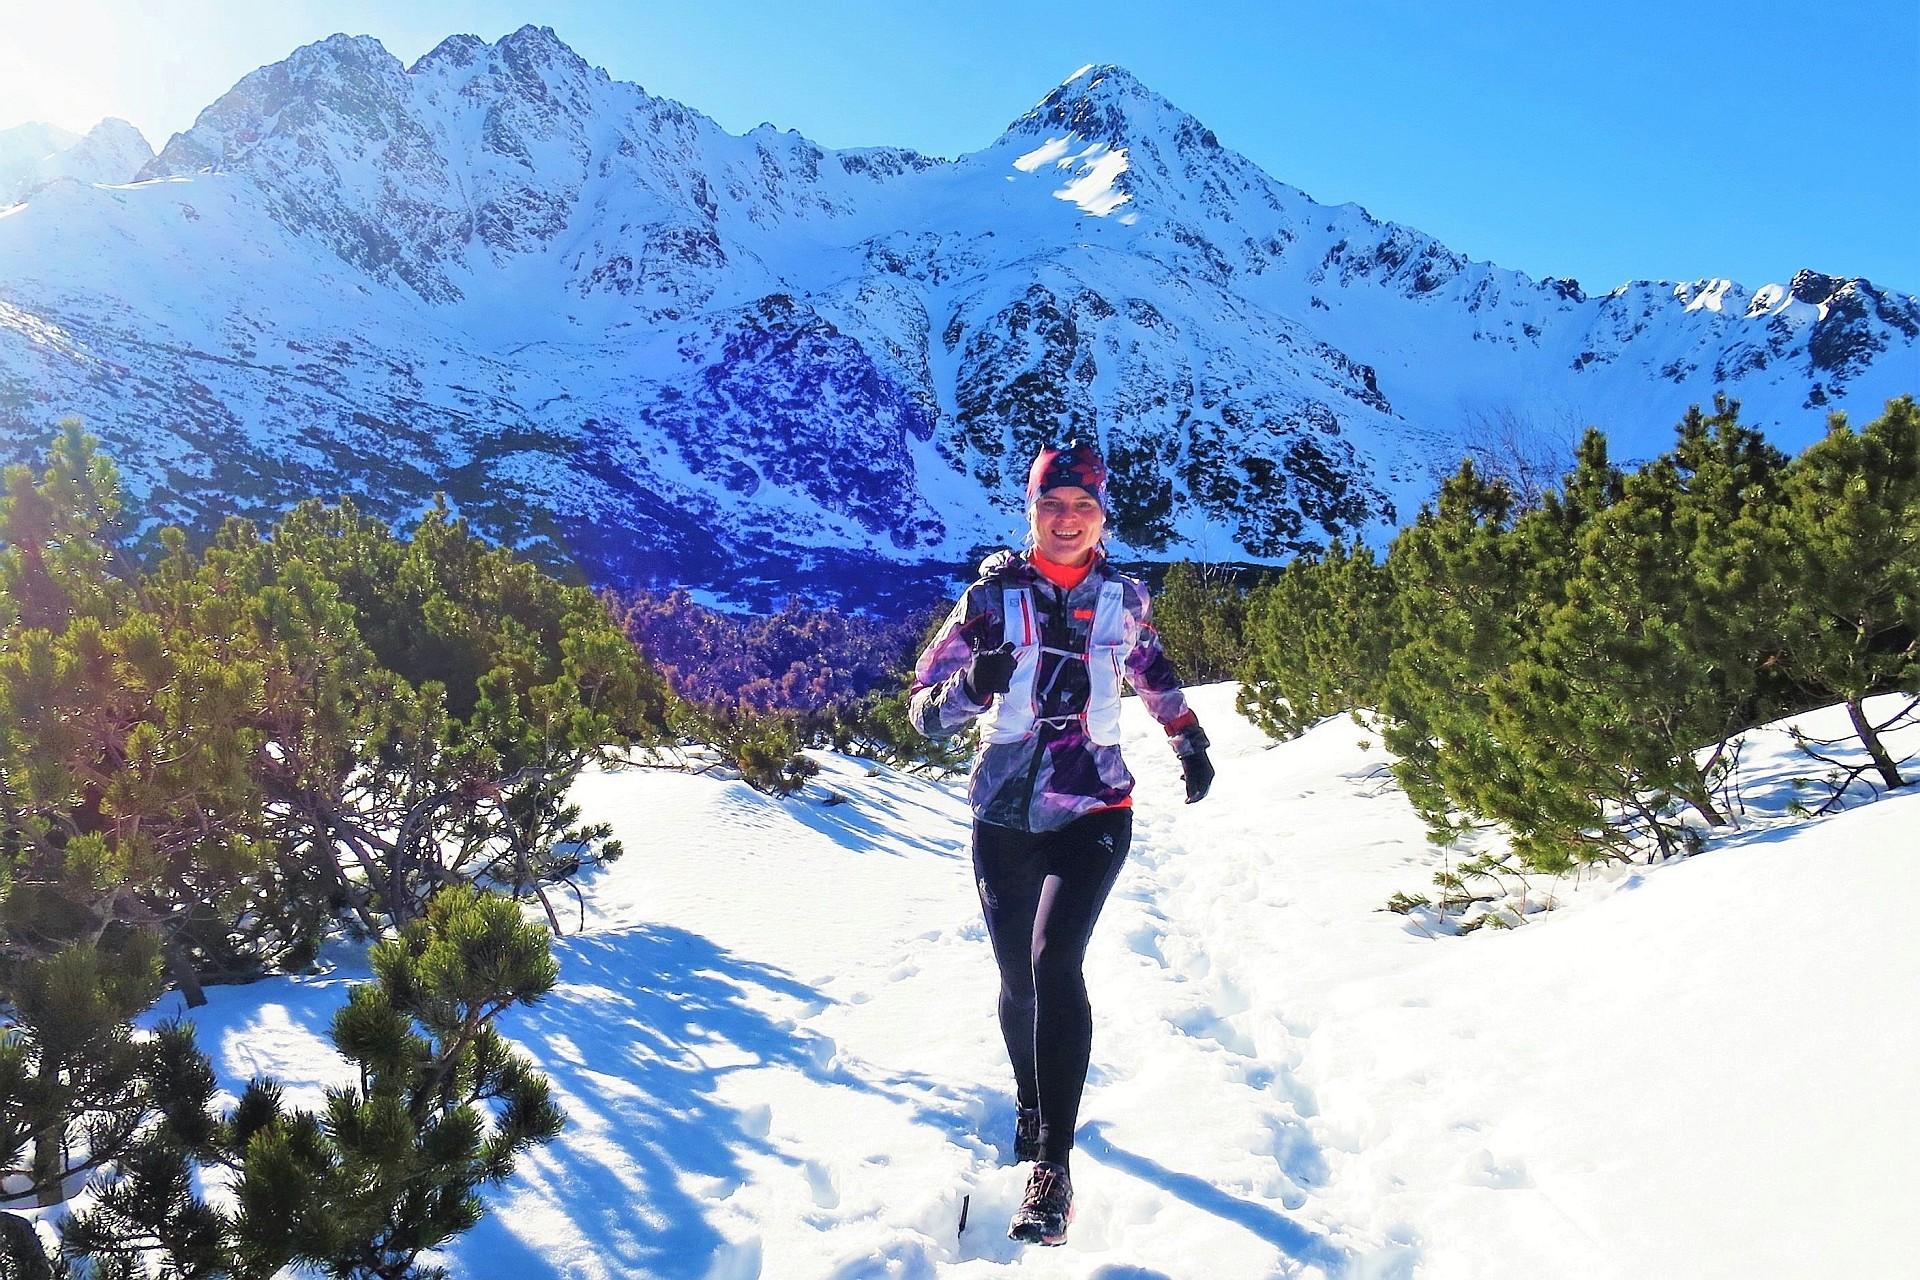 bieganie w Tatrach zimą. Białe Stawy, Tatry Słowackie